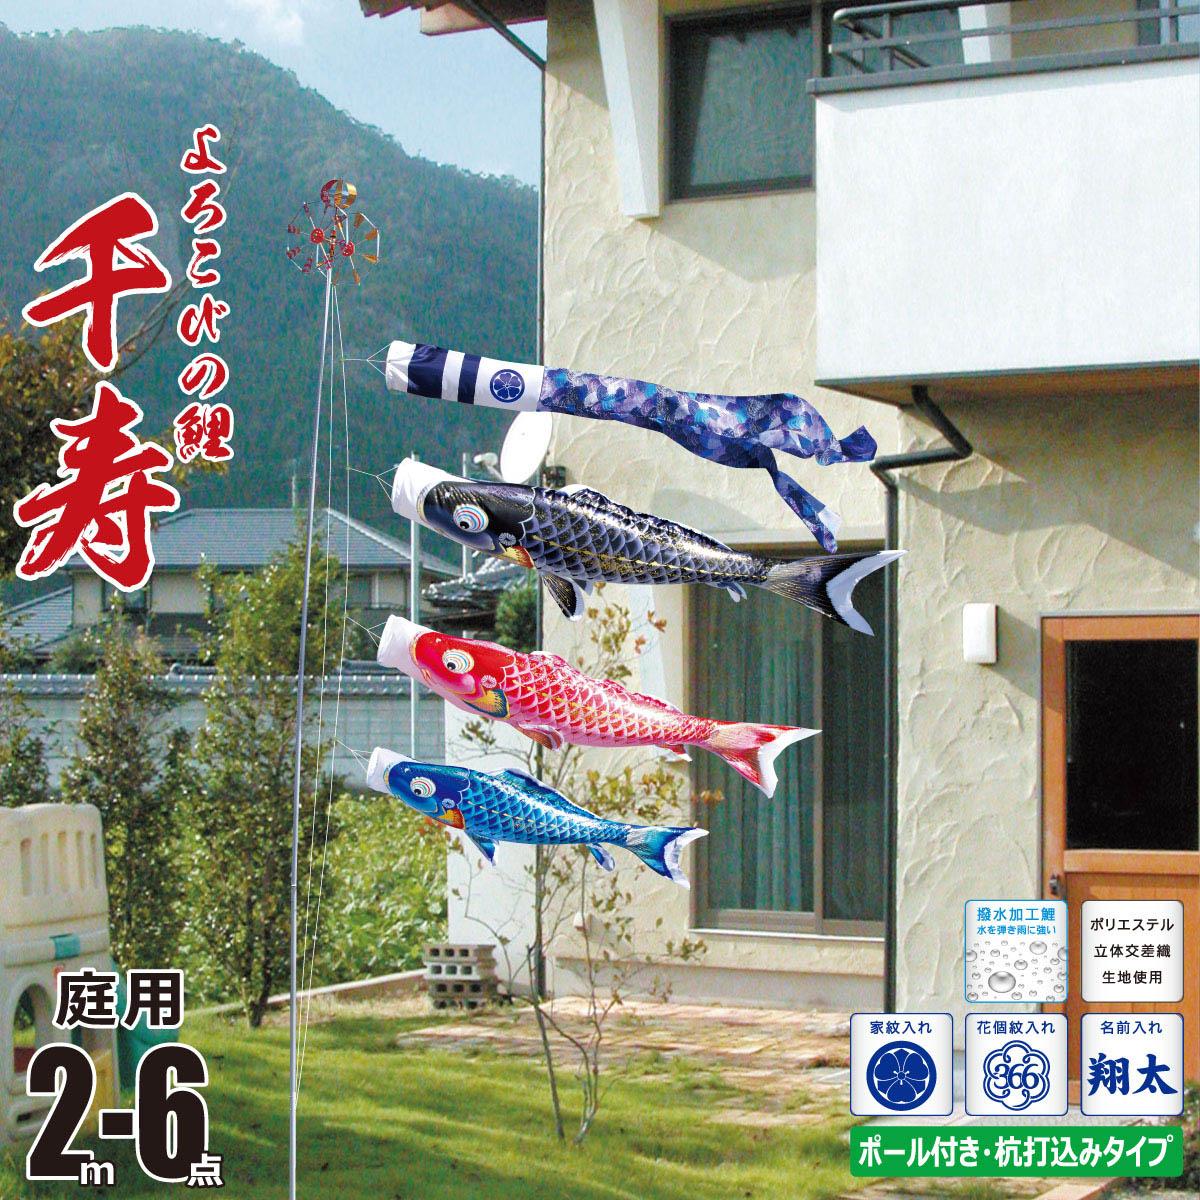 こいのぼり 2m 千寿 6点 (矢車、ロープ、吹流し、鯉3匹) 庭園用 ガーデンセット (専用ポール一式) 徳永鯉のぼり KIT-118-530